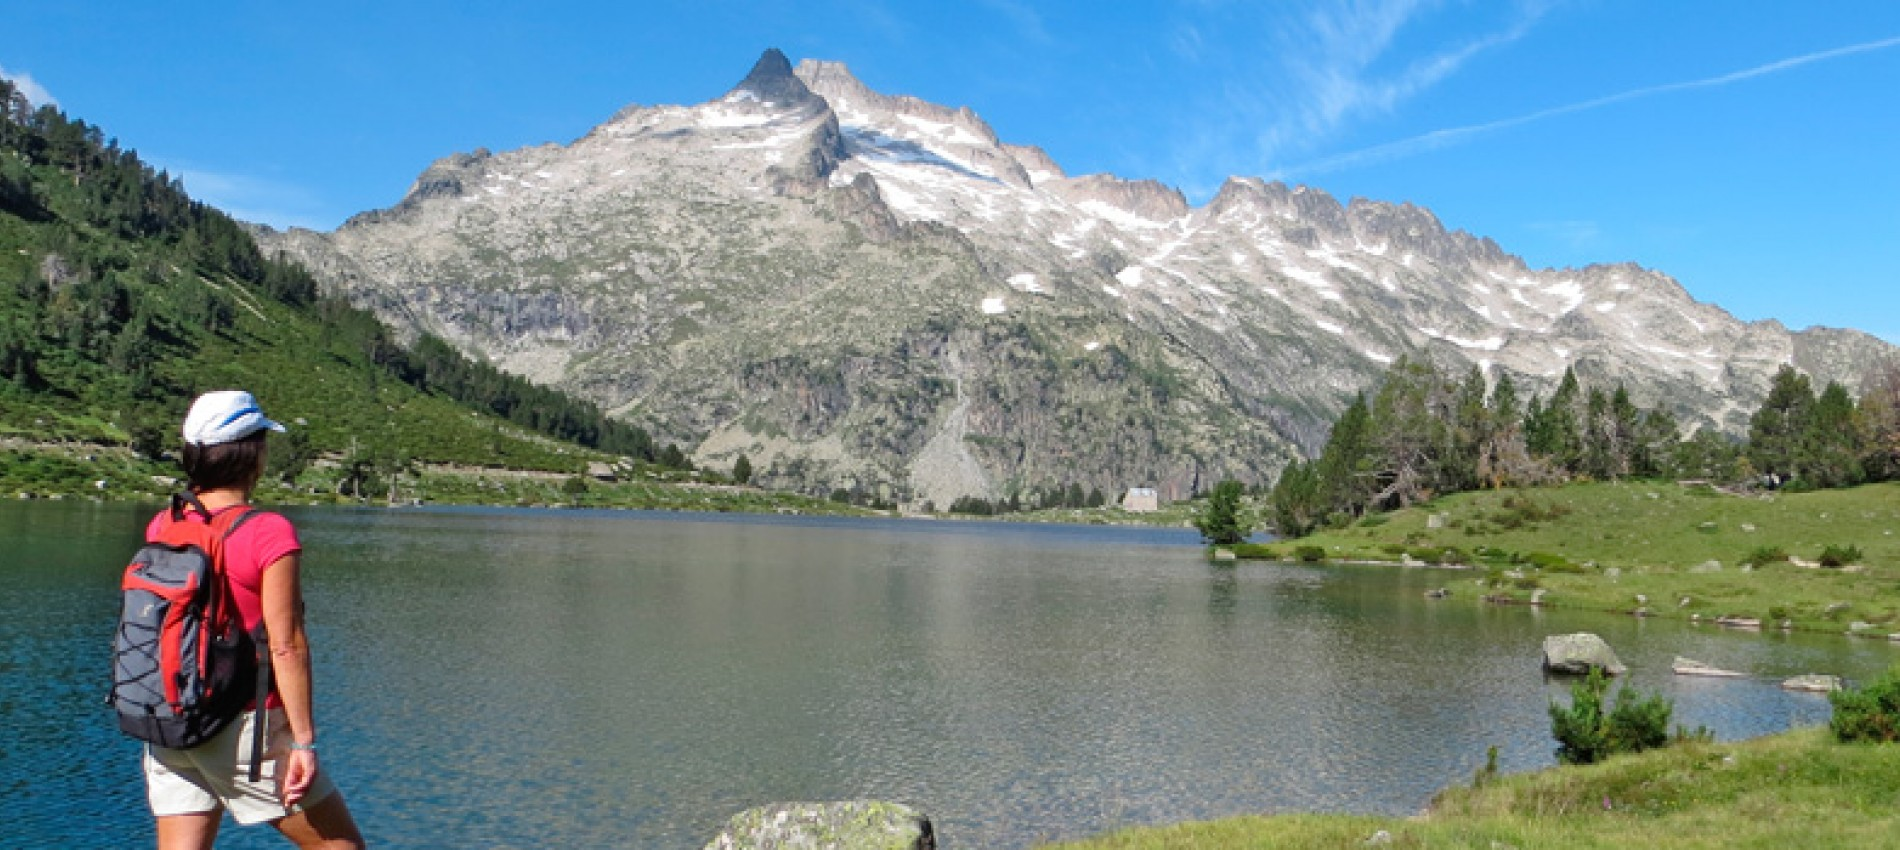 randonnée lac aumar pic néouvielle